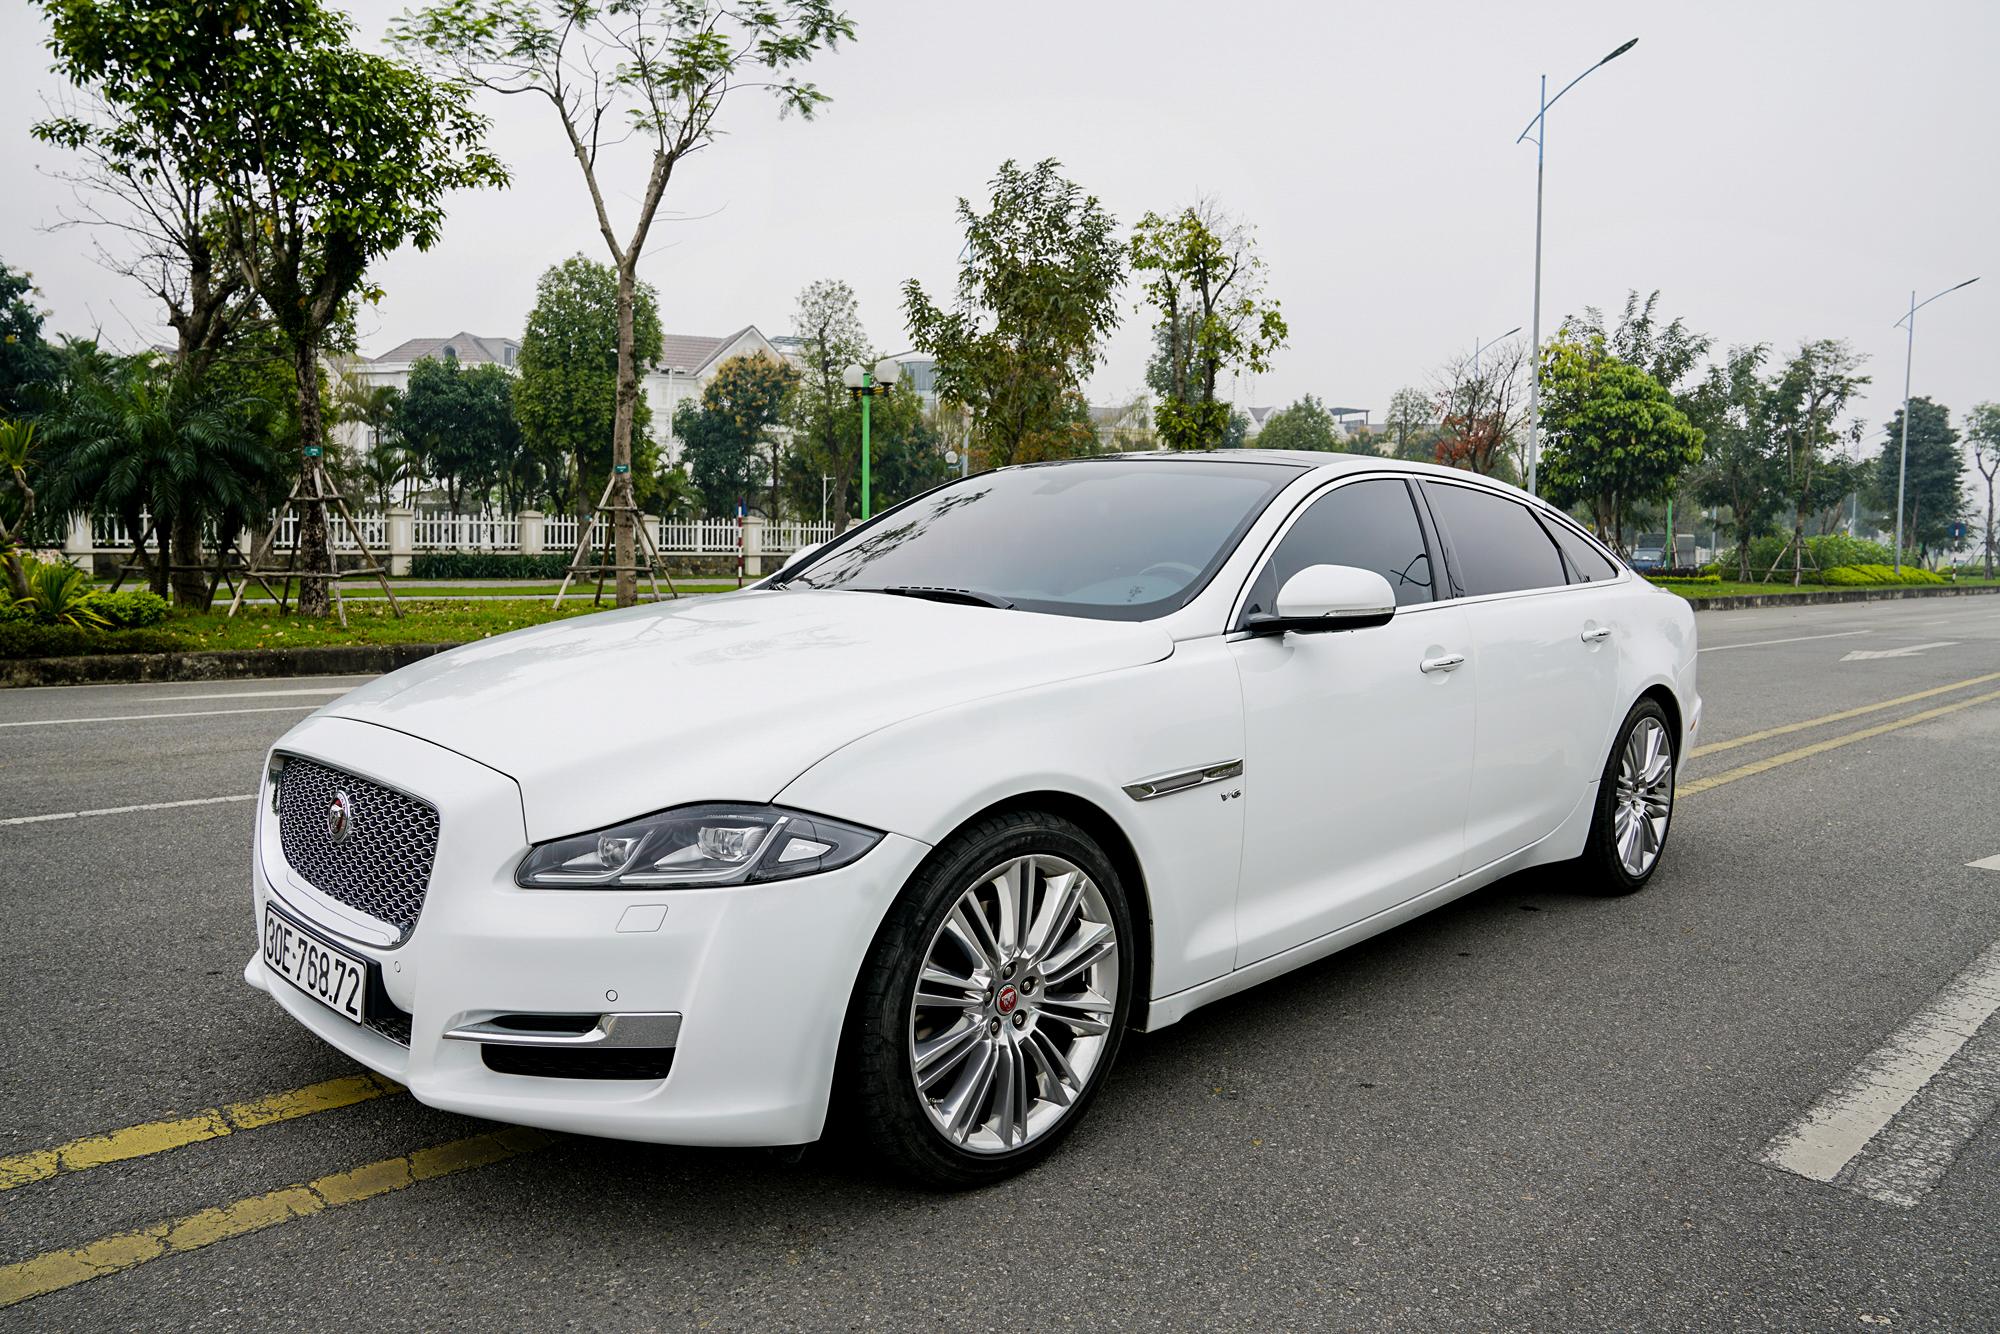 Jaguar XJL - Giá xe Ô tô Jaguar mới nhất tháng [hienthithang]/[hienthinam] + khuyến mãi #1